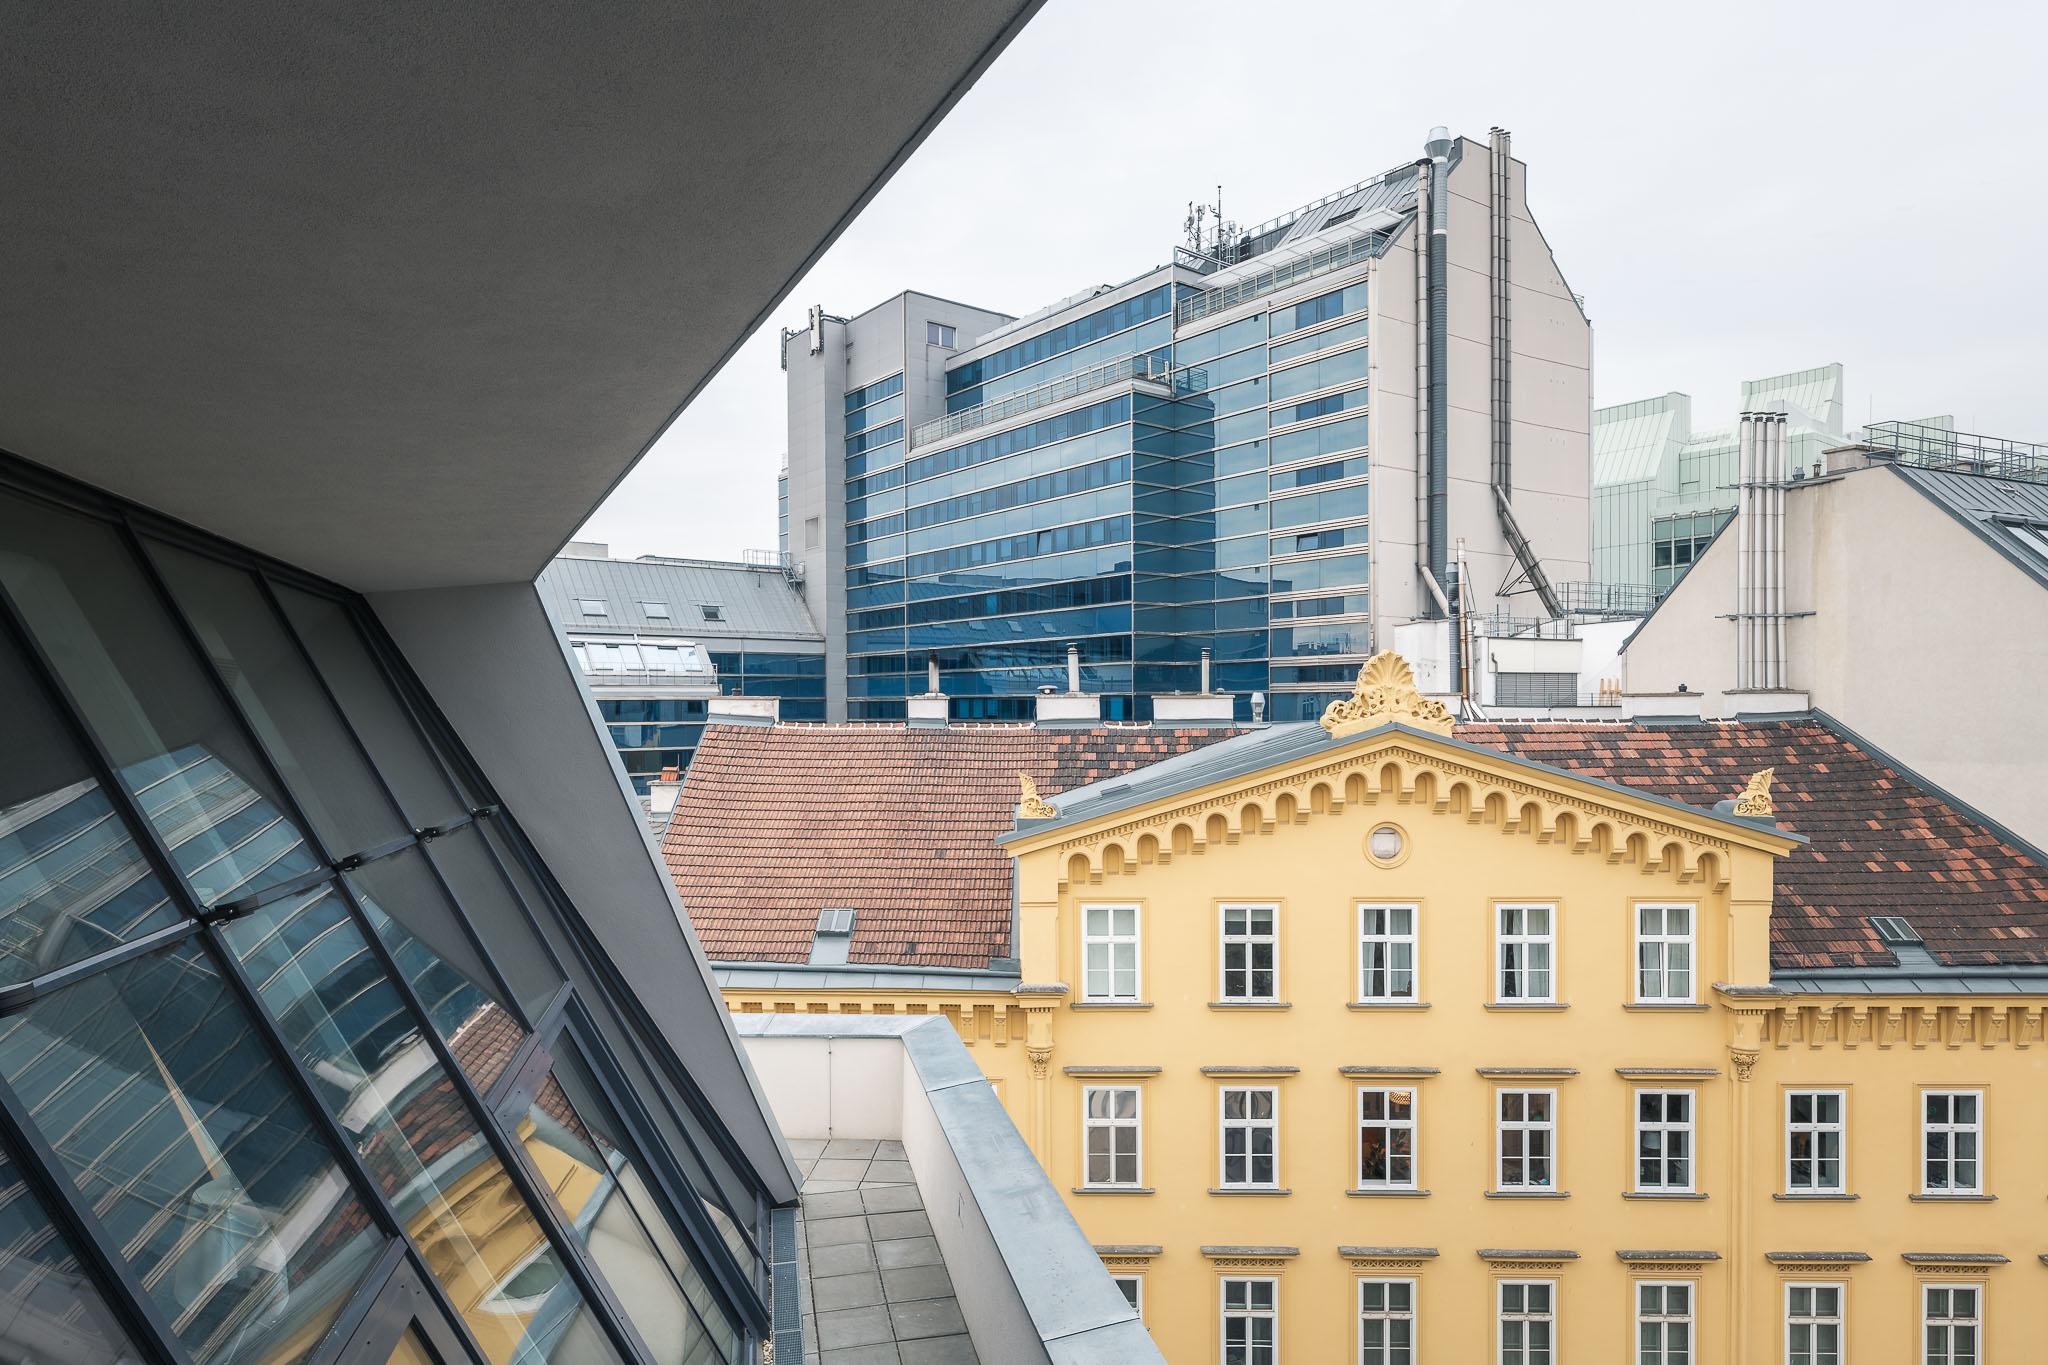 """Ausblick auf die Wiener """"Skyline"""" mit unterschiedlichsten Architekturstilen"""